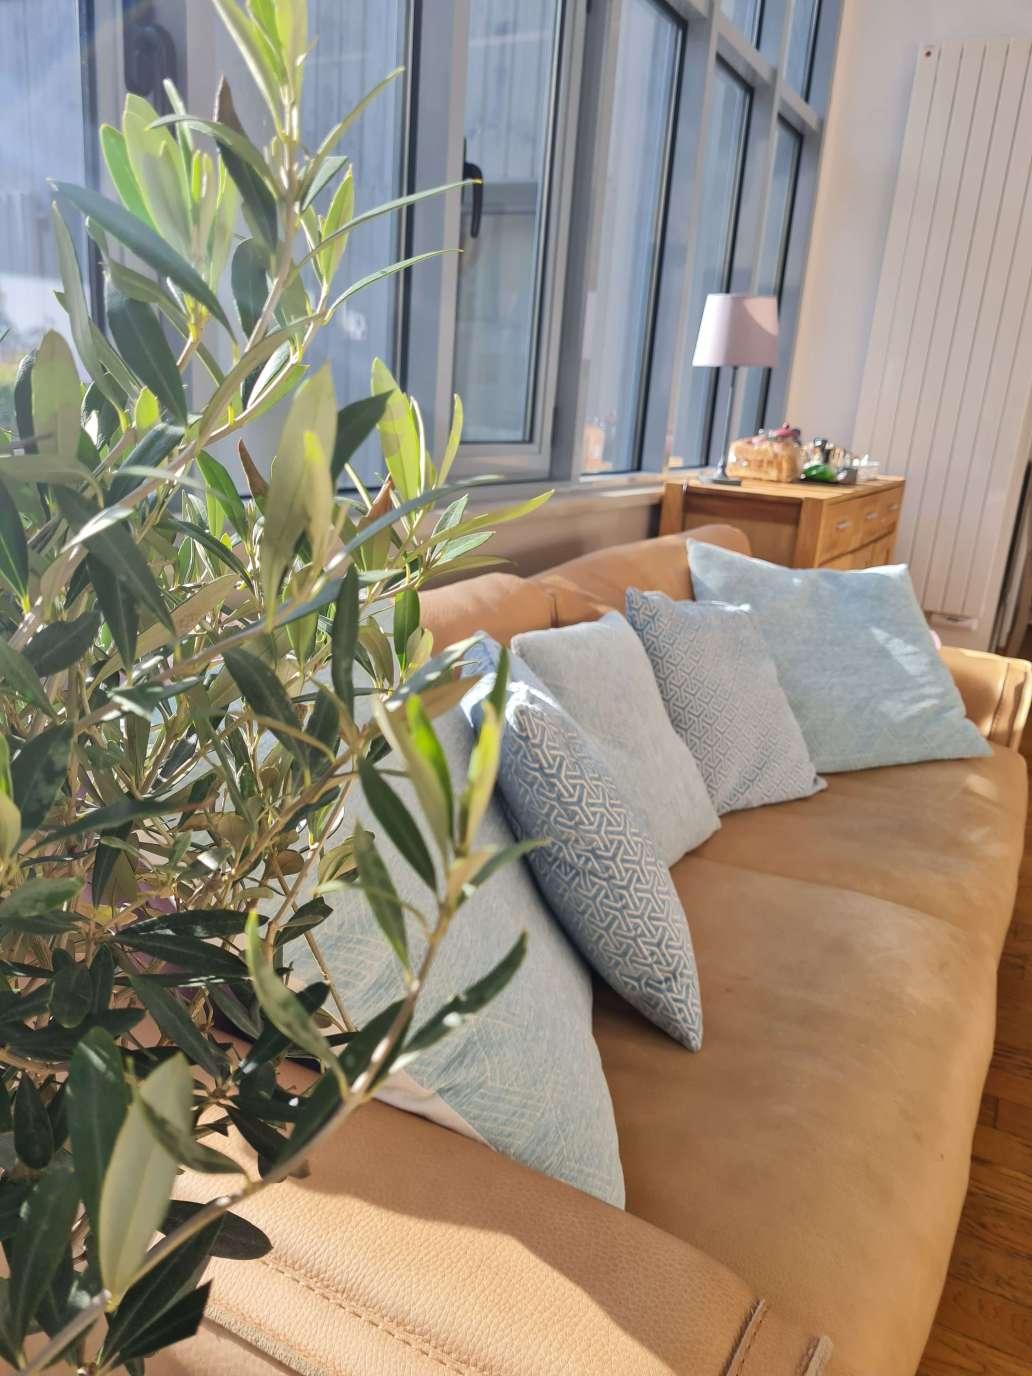 20210213 142722 1536x2048 - Airbnb Tour : visite privée d'une tiny house à Bayeux